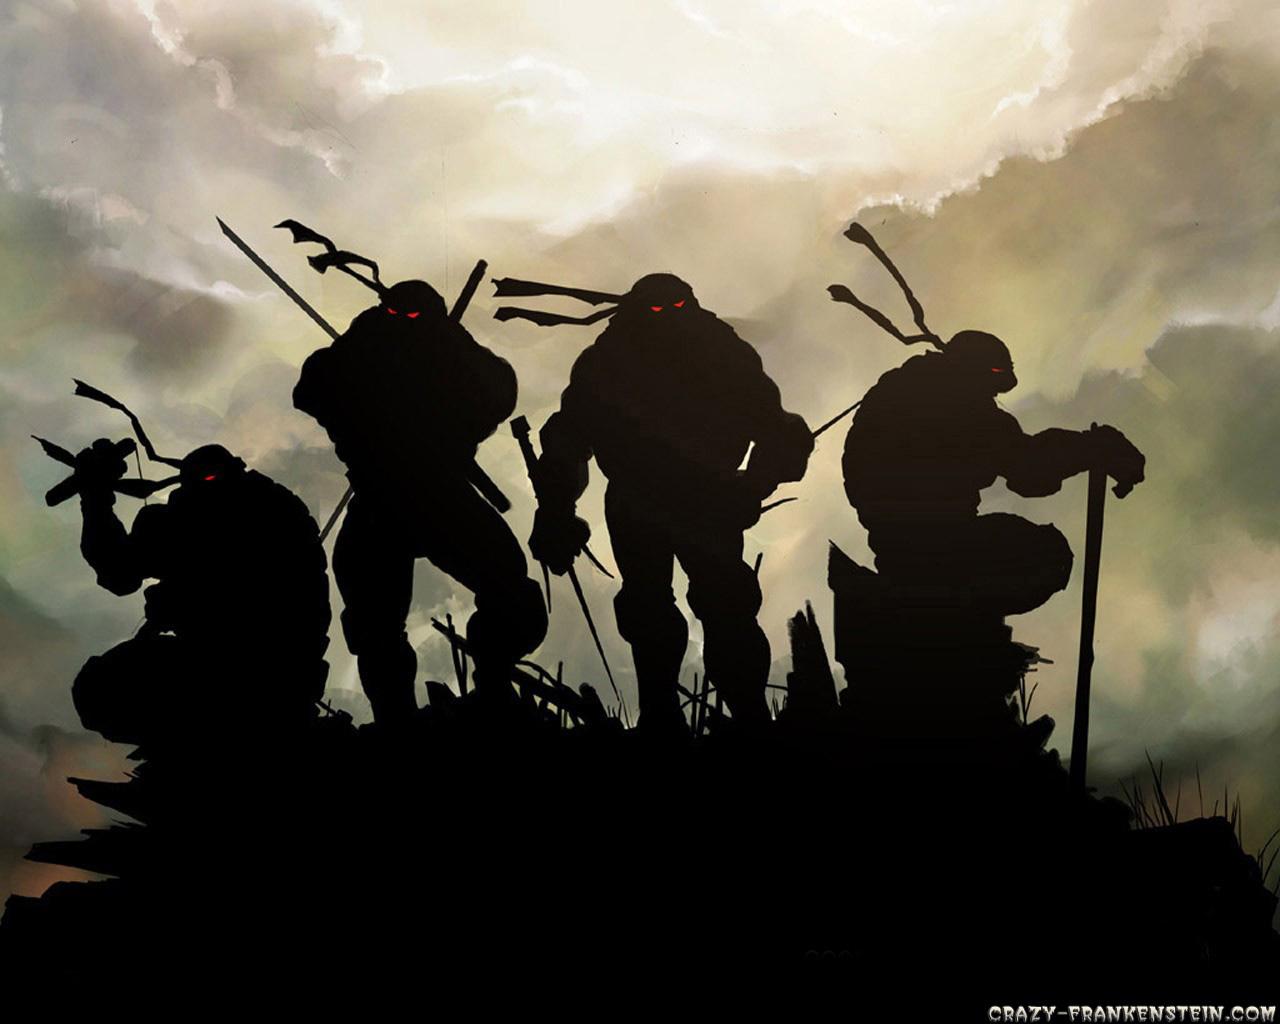 http://1.bp.blogspot.com/-swFi_qrk67s/T6J4TGCNuFI/AAAAAAAAA64/5Q9IjzEkbts/s1600/Ninja-Turtles-wallpaper-1.jpg